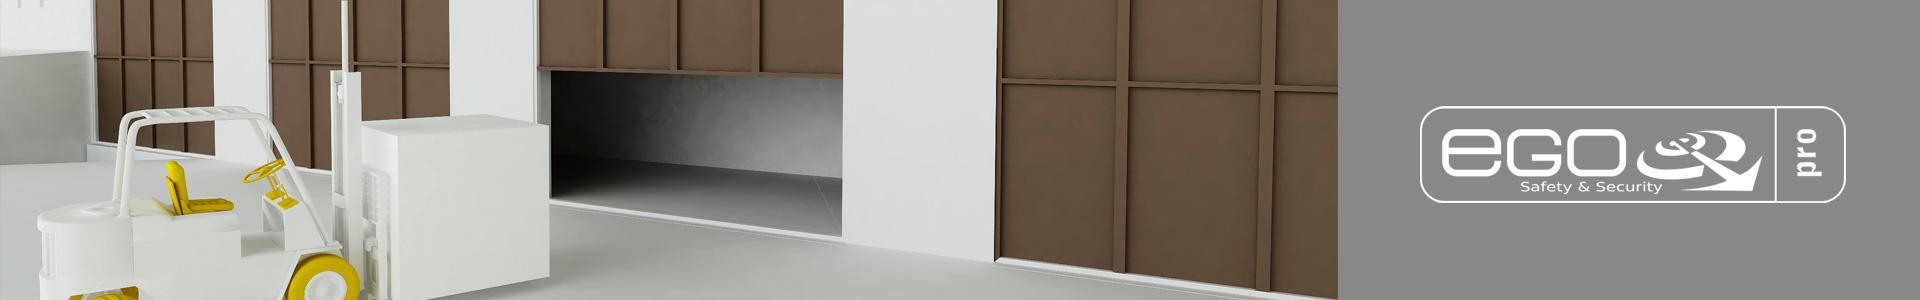 EGOmino-security-fastdoors-banner